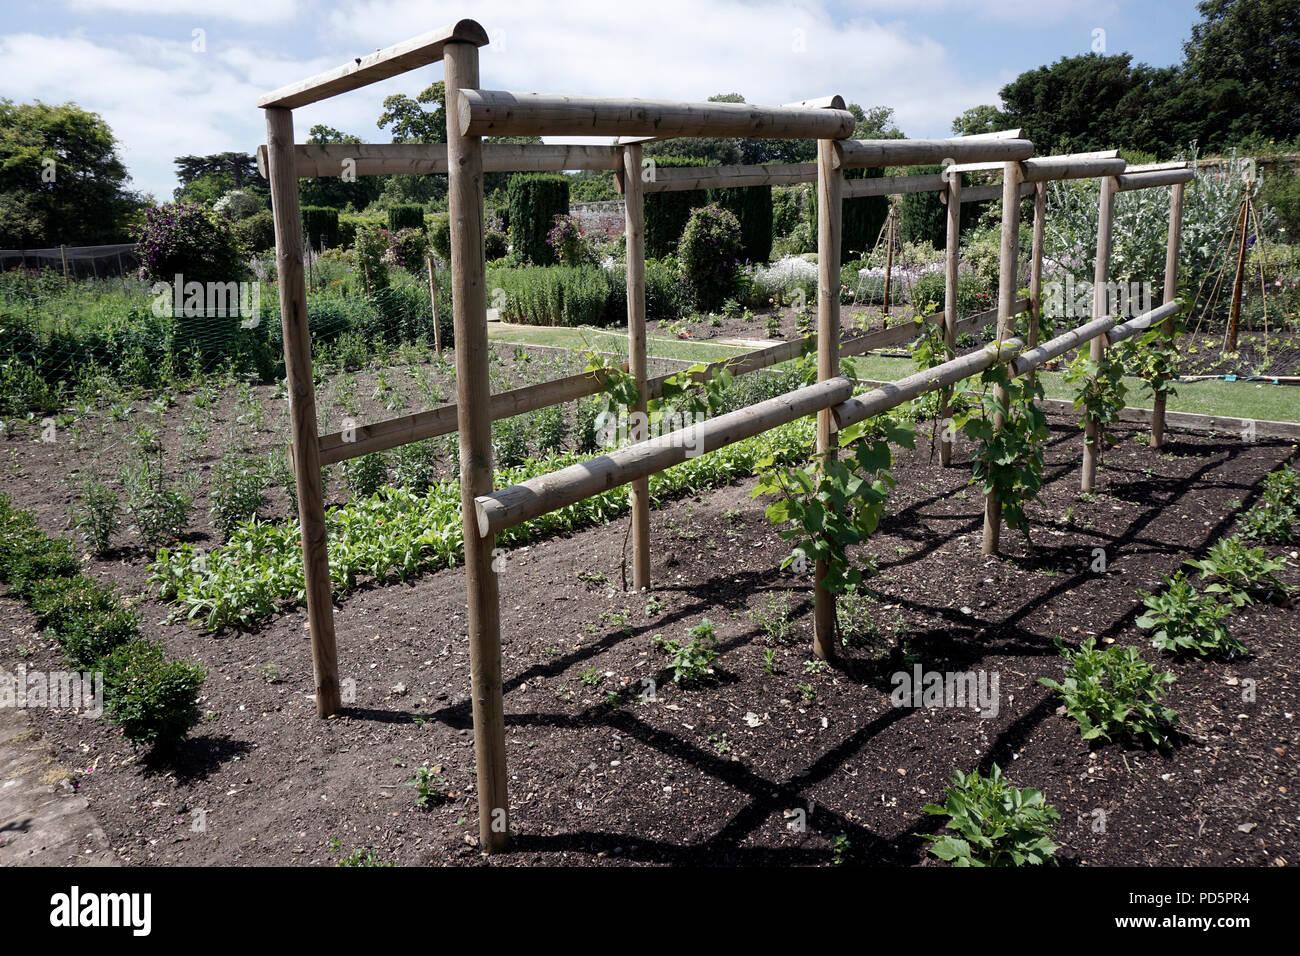 Weinreben Klettergerüst : Holz garten rahmen für den anbau von weinreben kent england